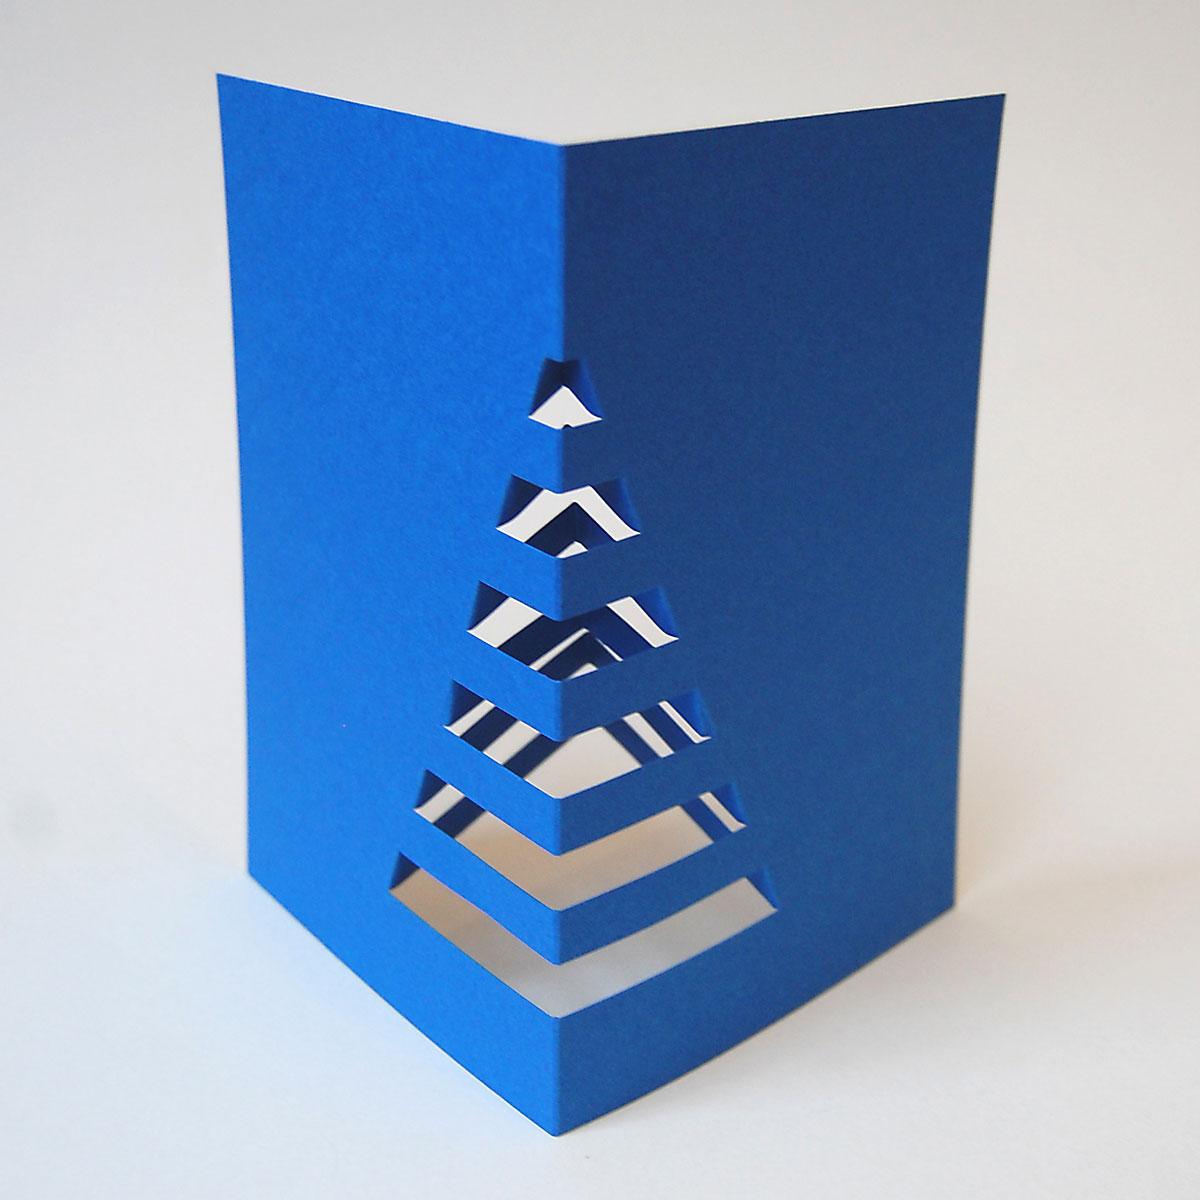 schicke blaue recycling weihnachtskarten zum basteln weihnachtsbaum f r den schreibtisch. Black Bedroom Furniture Sets. Home Design Ideas